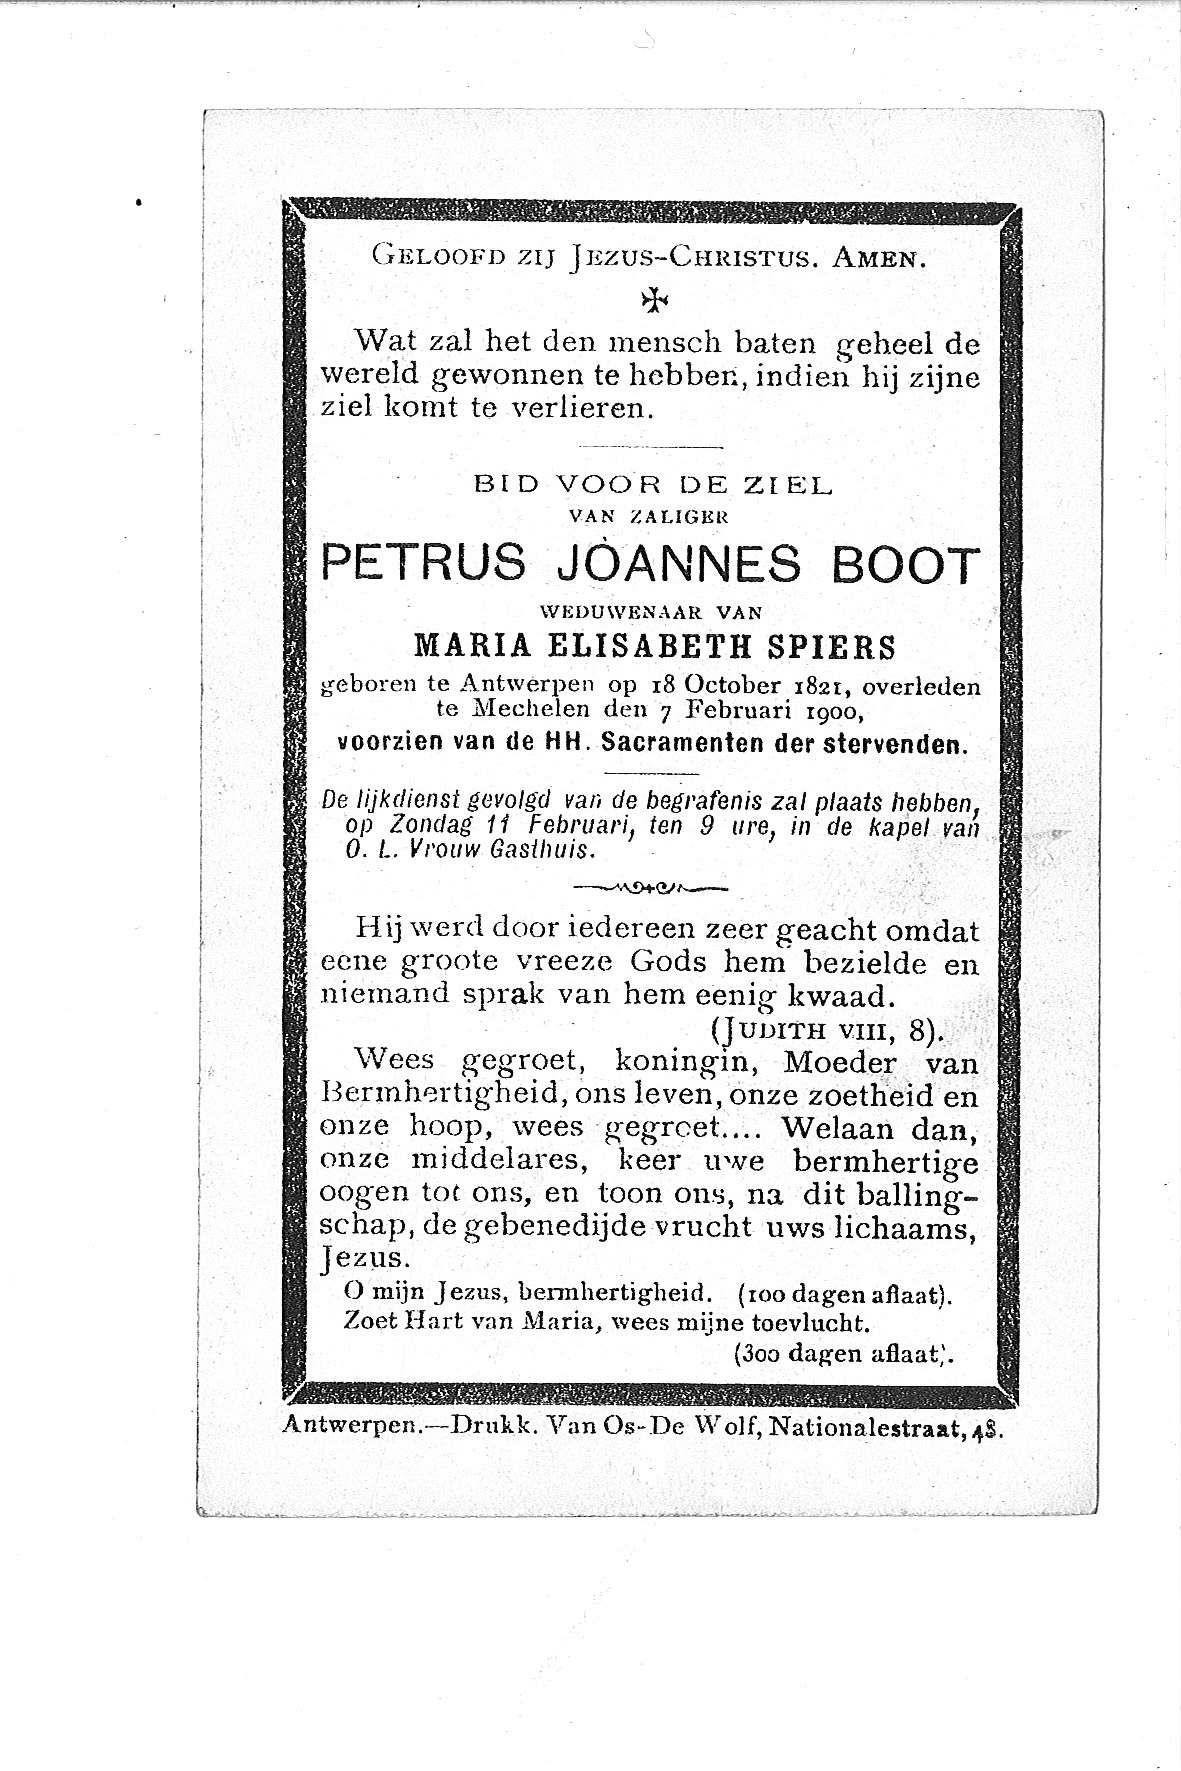 petrus-joannes(1900)20100304084303_00035.jpg